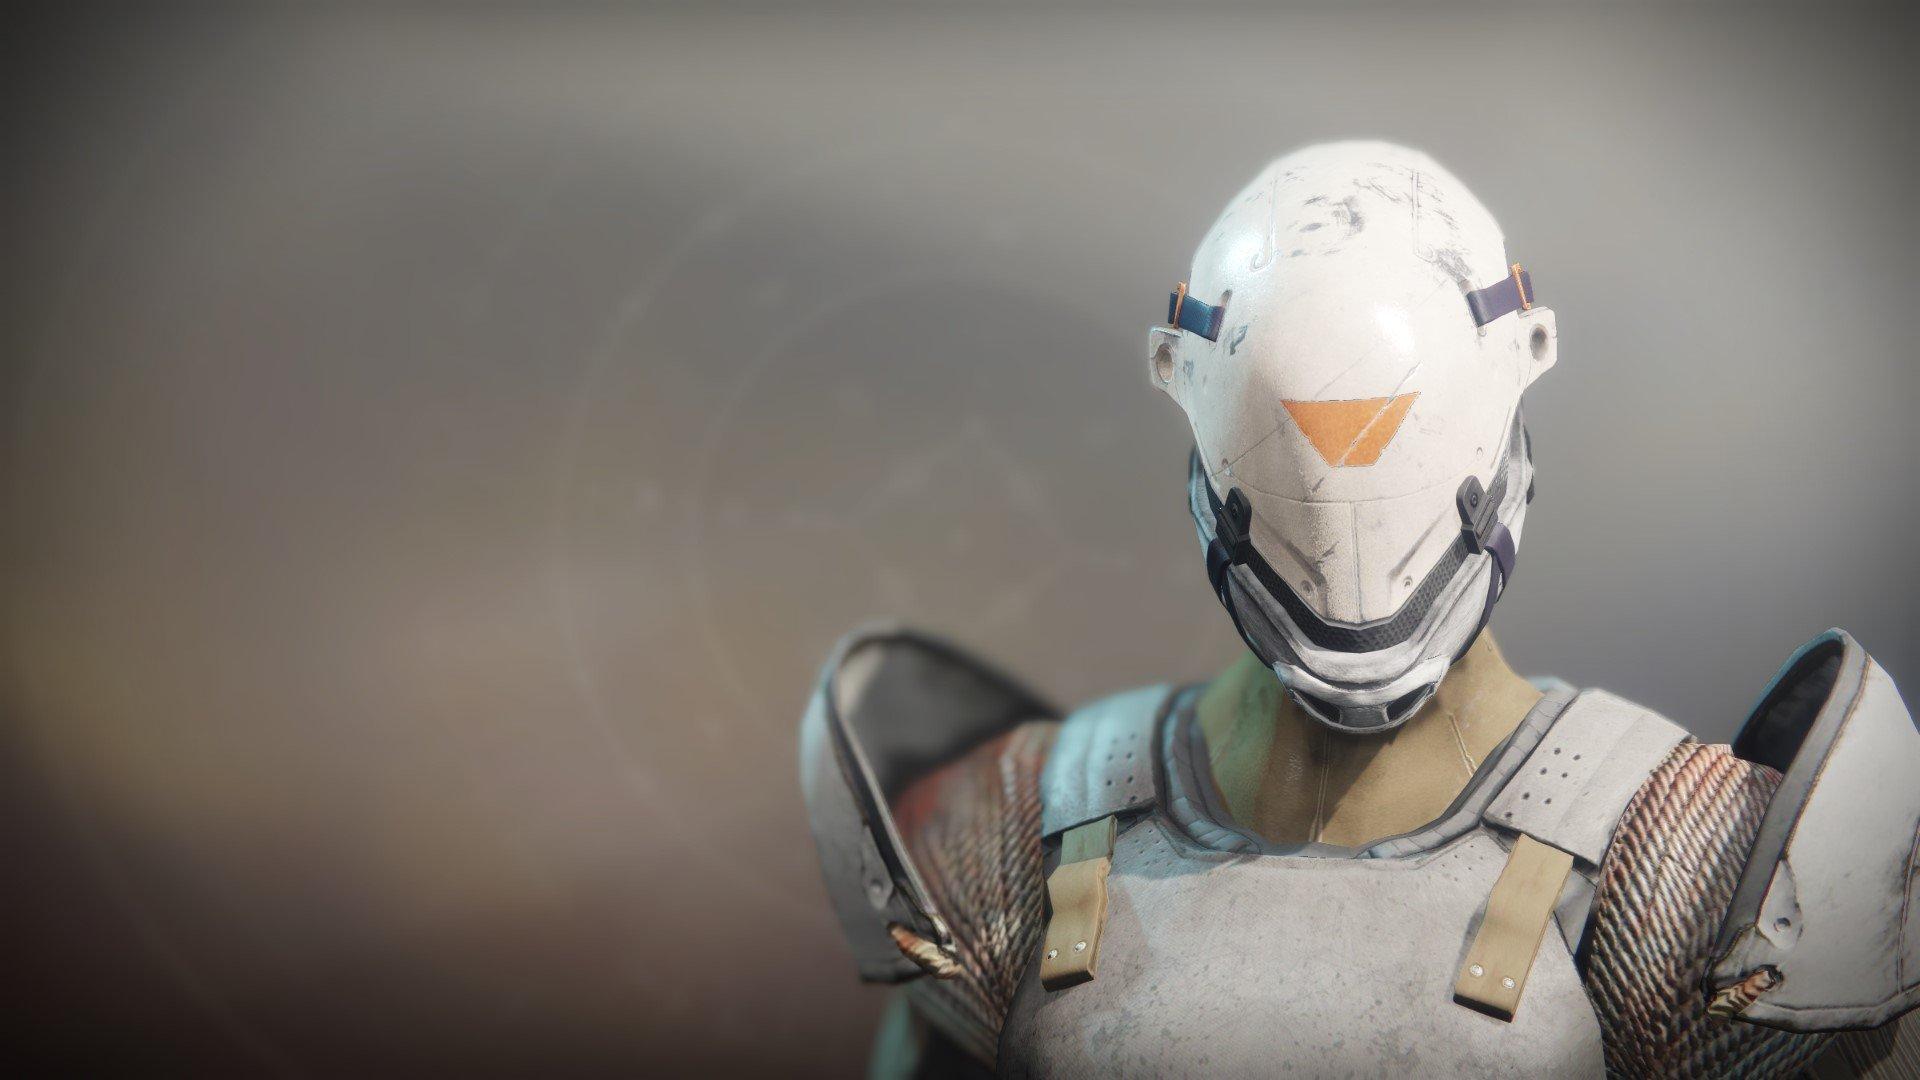 An in-game render of the Vigil of Heroes.